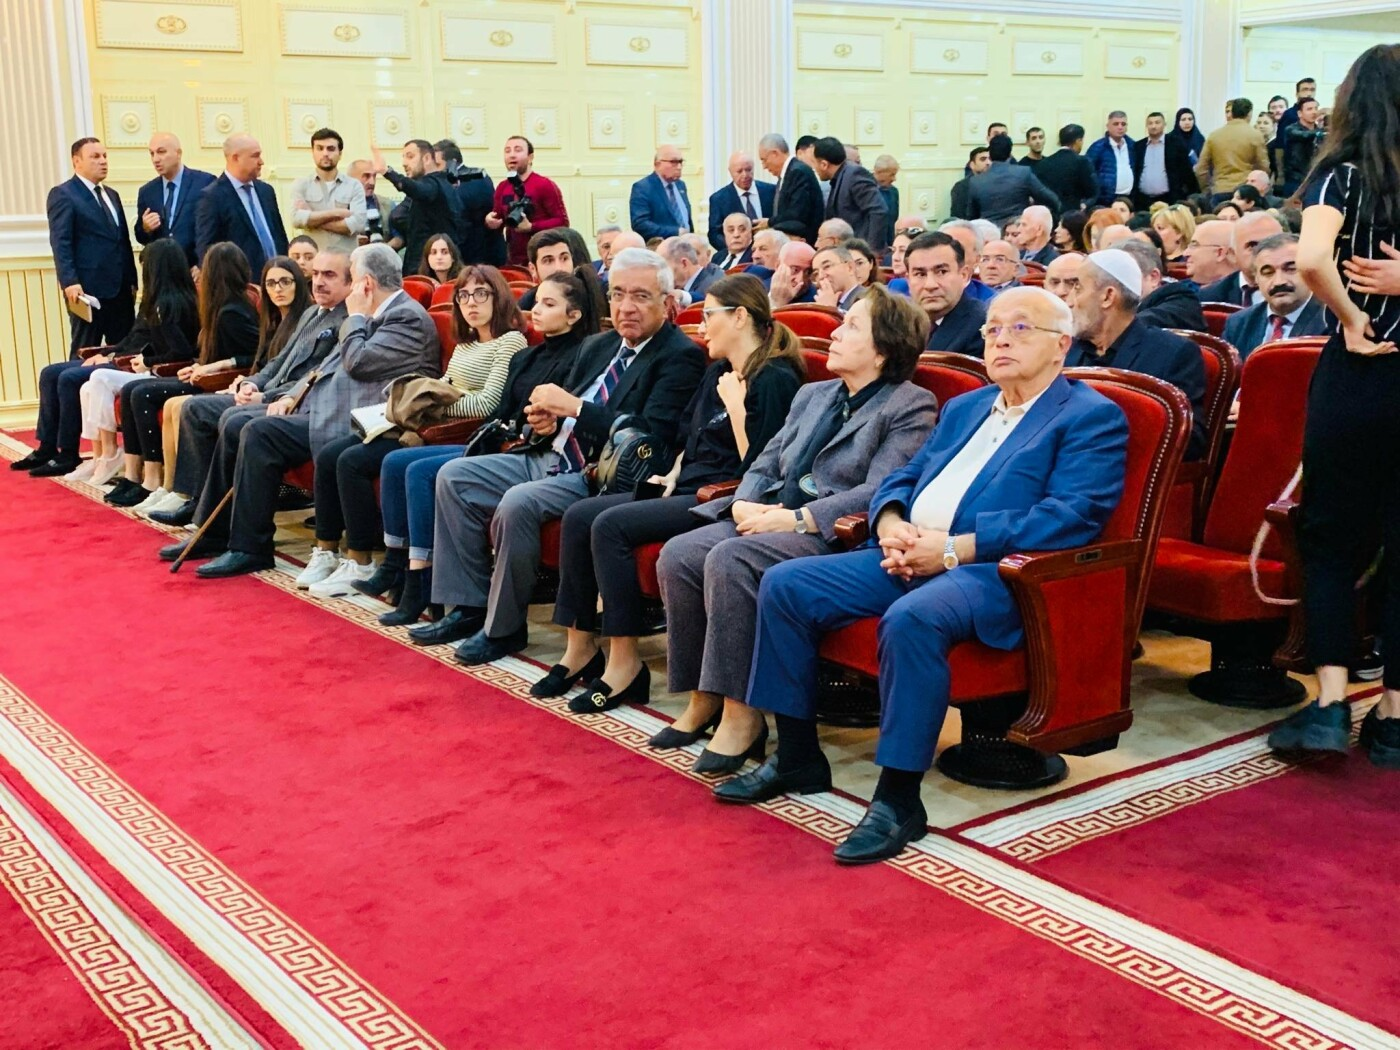 Bakıda akademik Vasim Məmmədəliyevlə vida mərasimi - FOTO, fotoşəkil-3